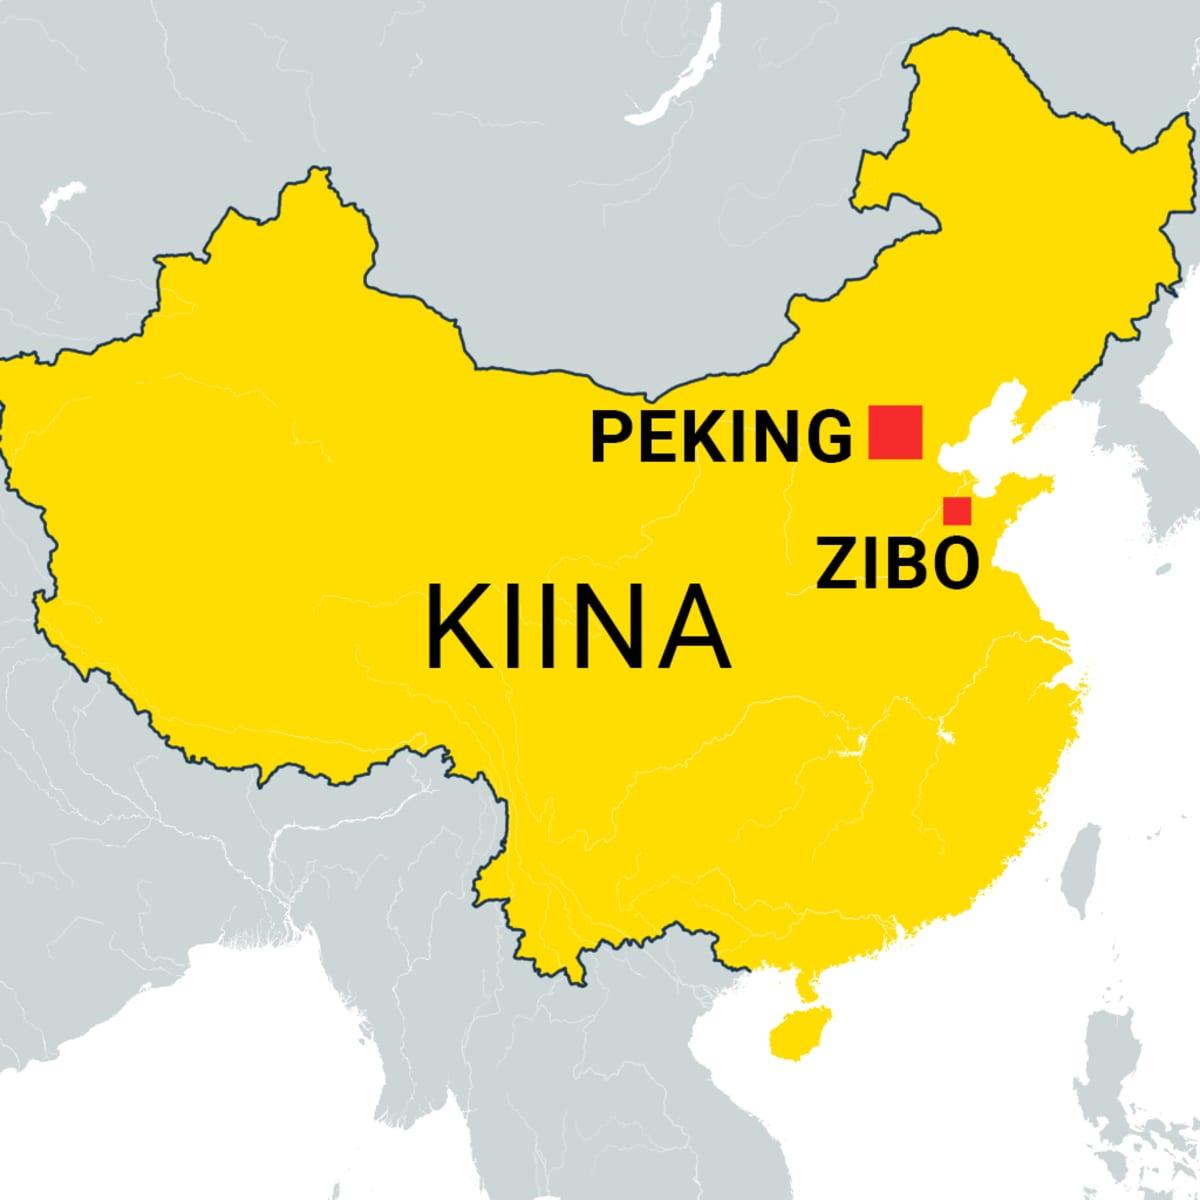 Kiinan kartta, Peking ja Zibo